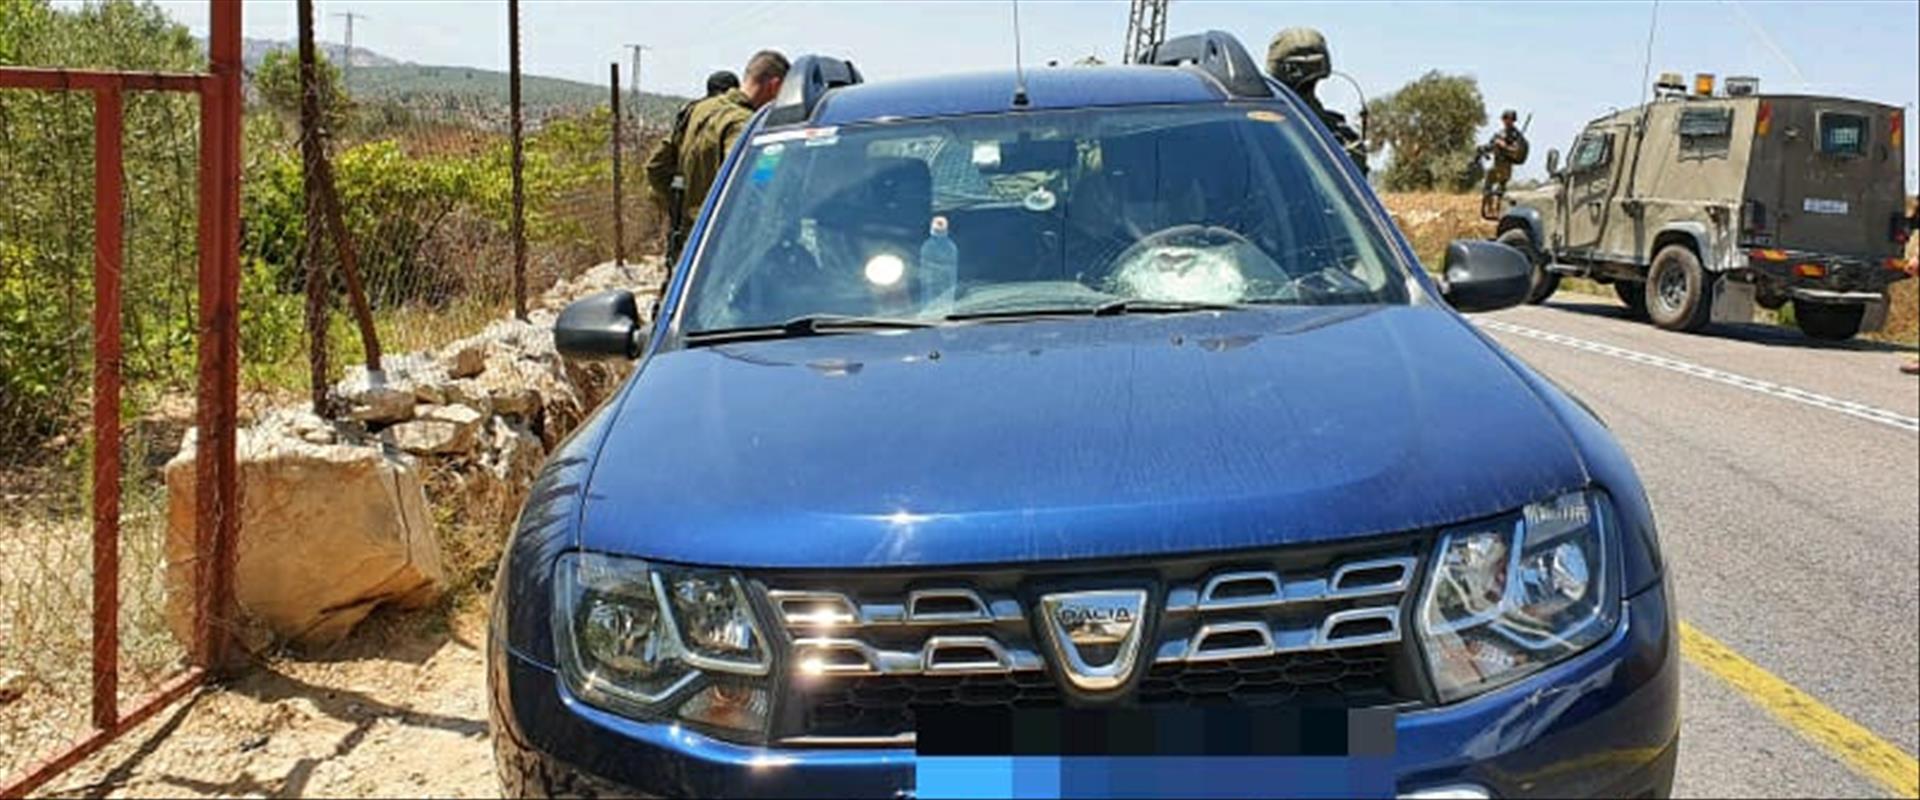 הרכב שנפגע מיידוי אבנים בשומרון